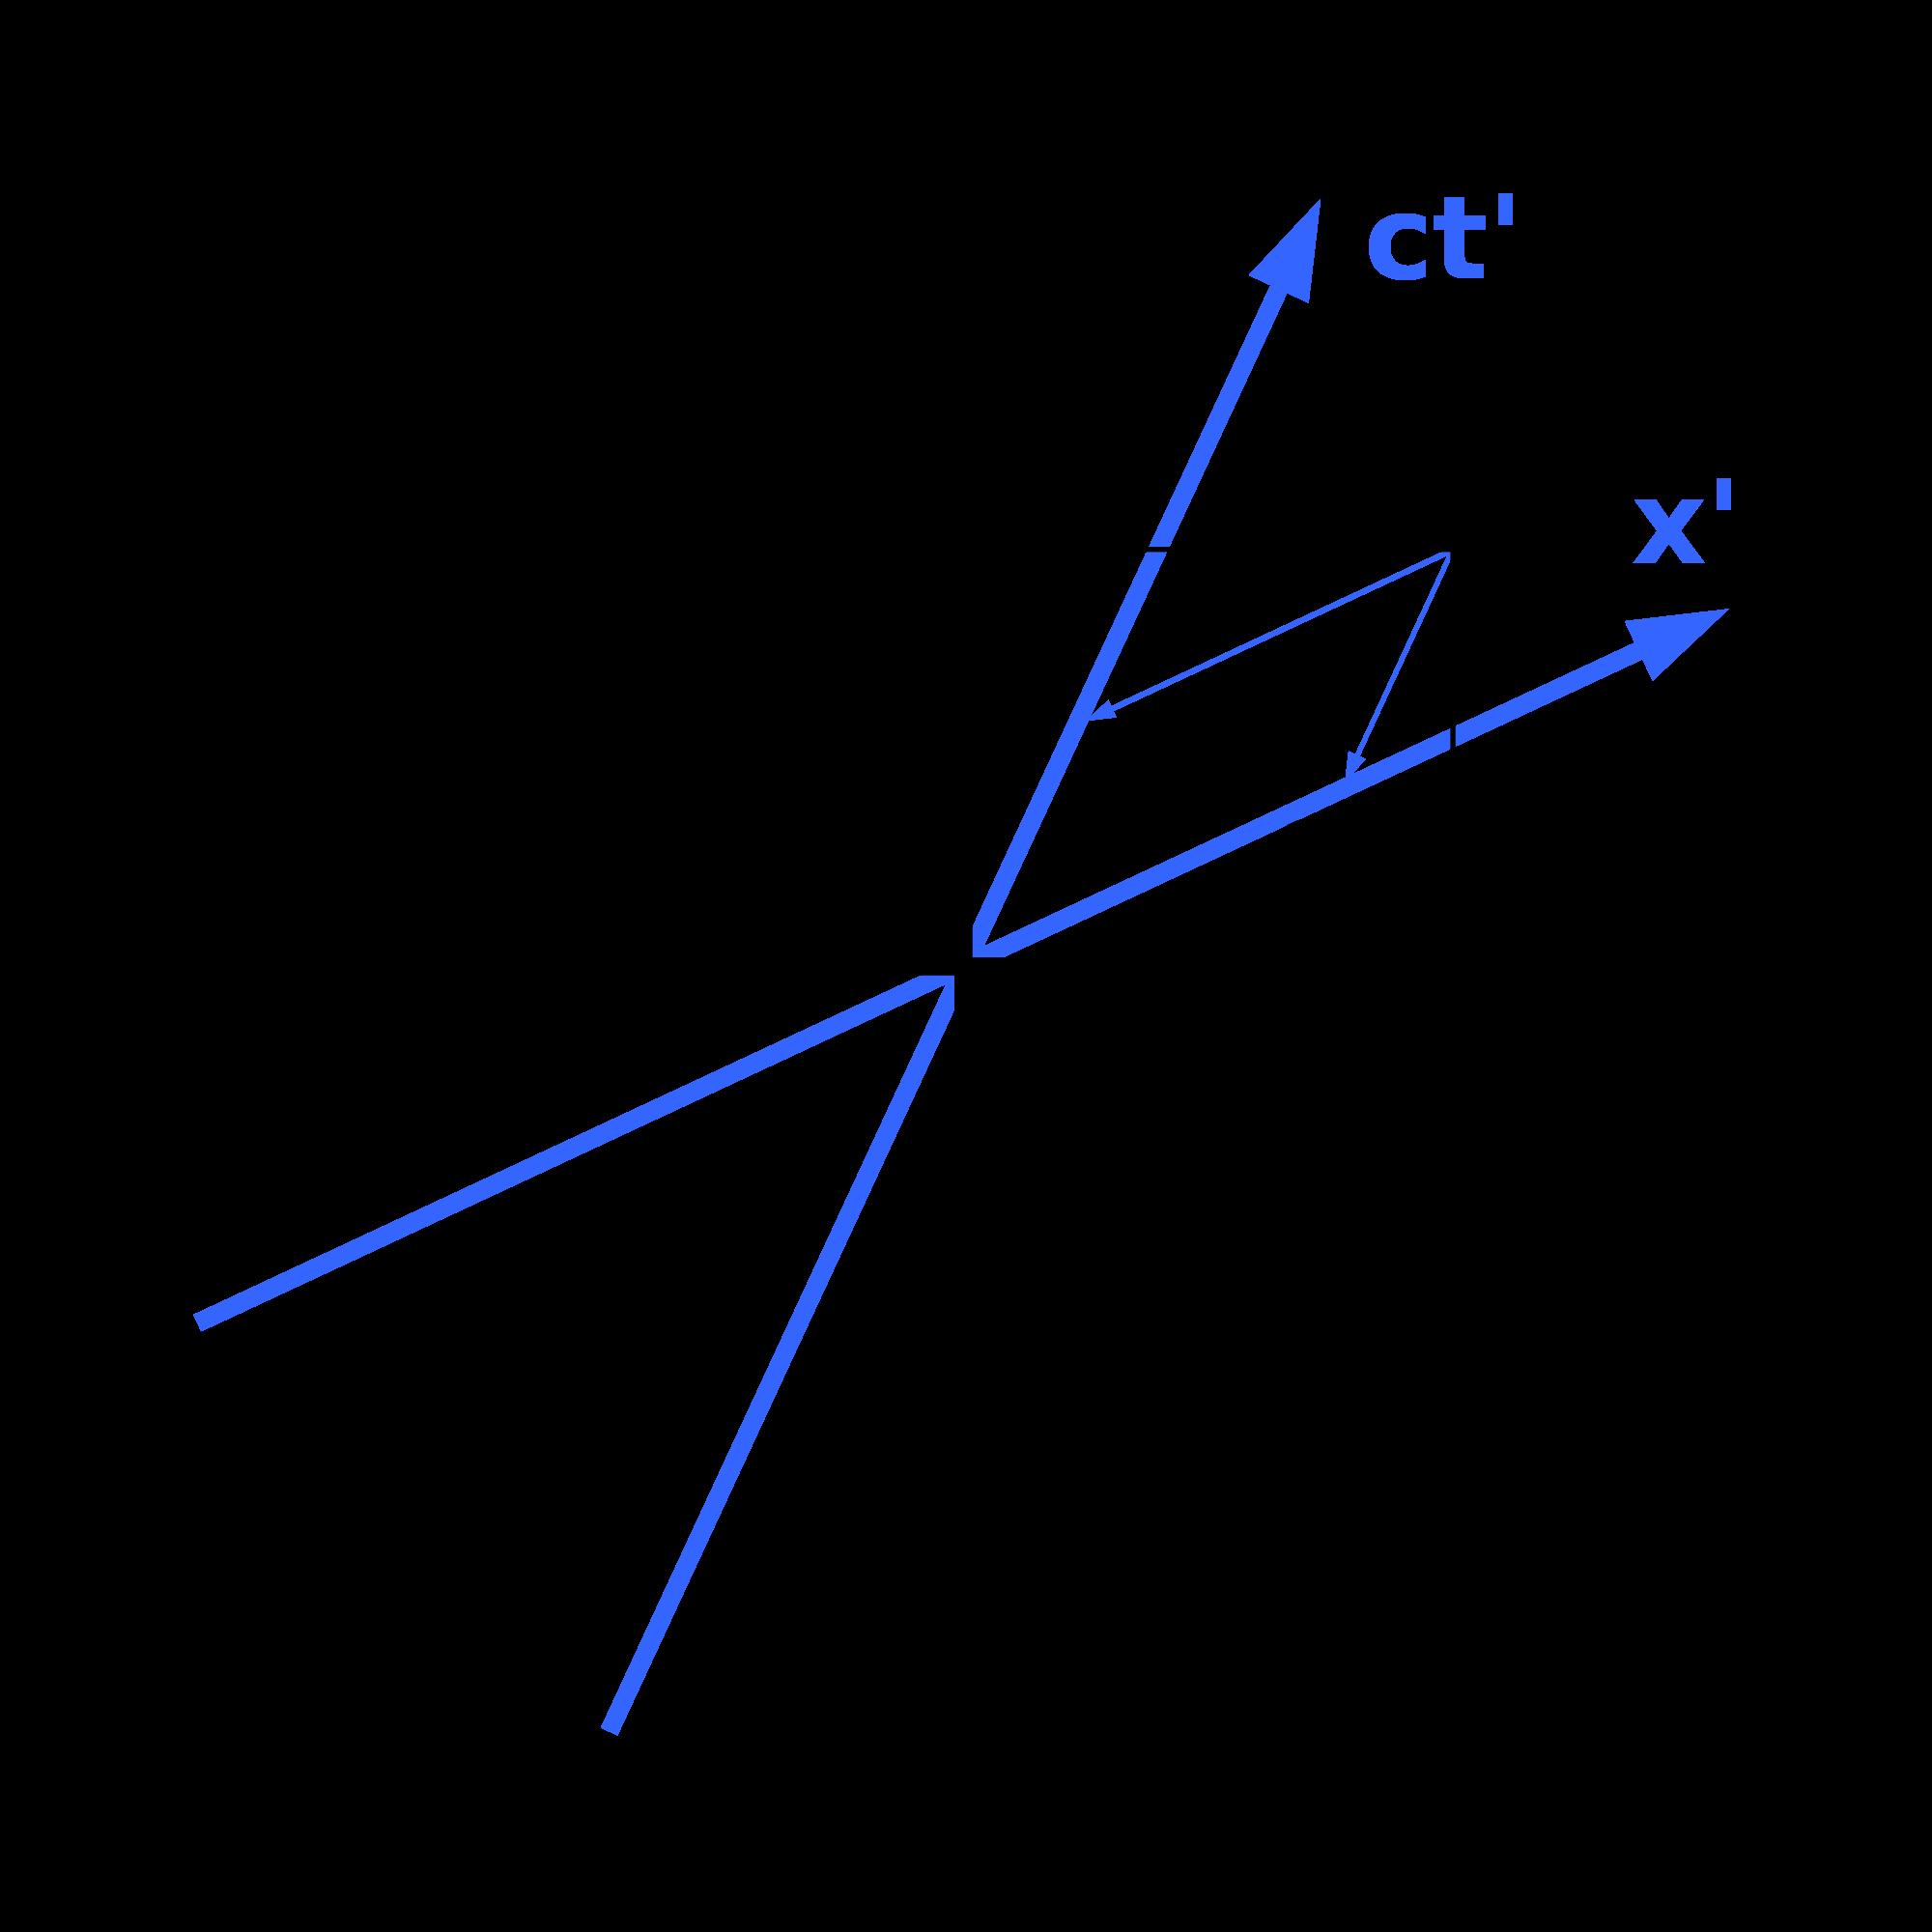 Minkowski Diagramm